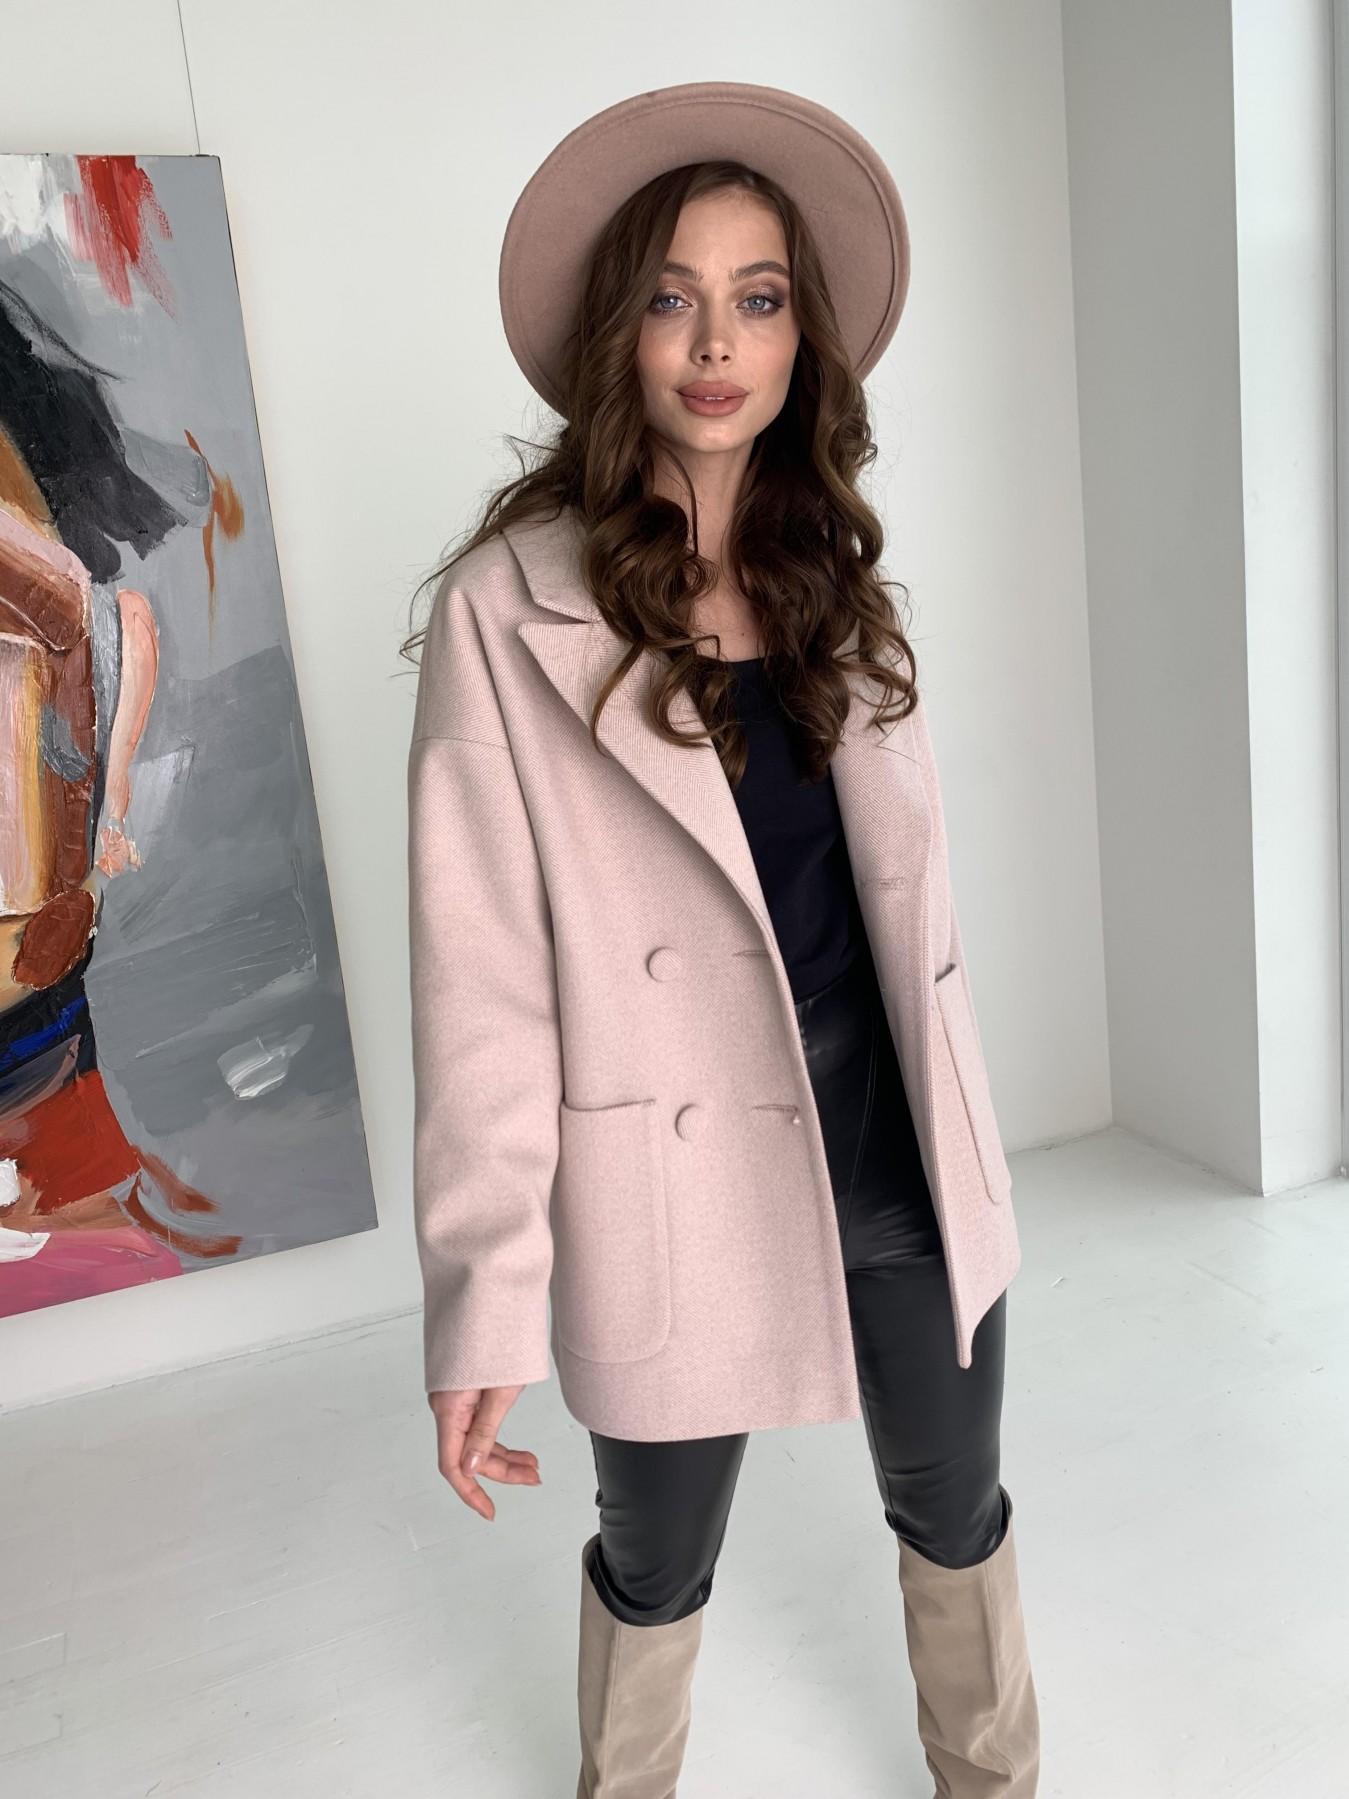 Мансера пальто в мелкую елочку из пальтовой ткани 10627 АРТ. 47001 Цвет: Пудра - фото 5, интернет магазин tm-modus.ru